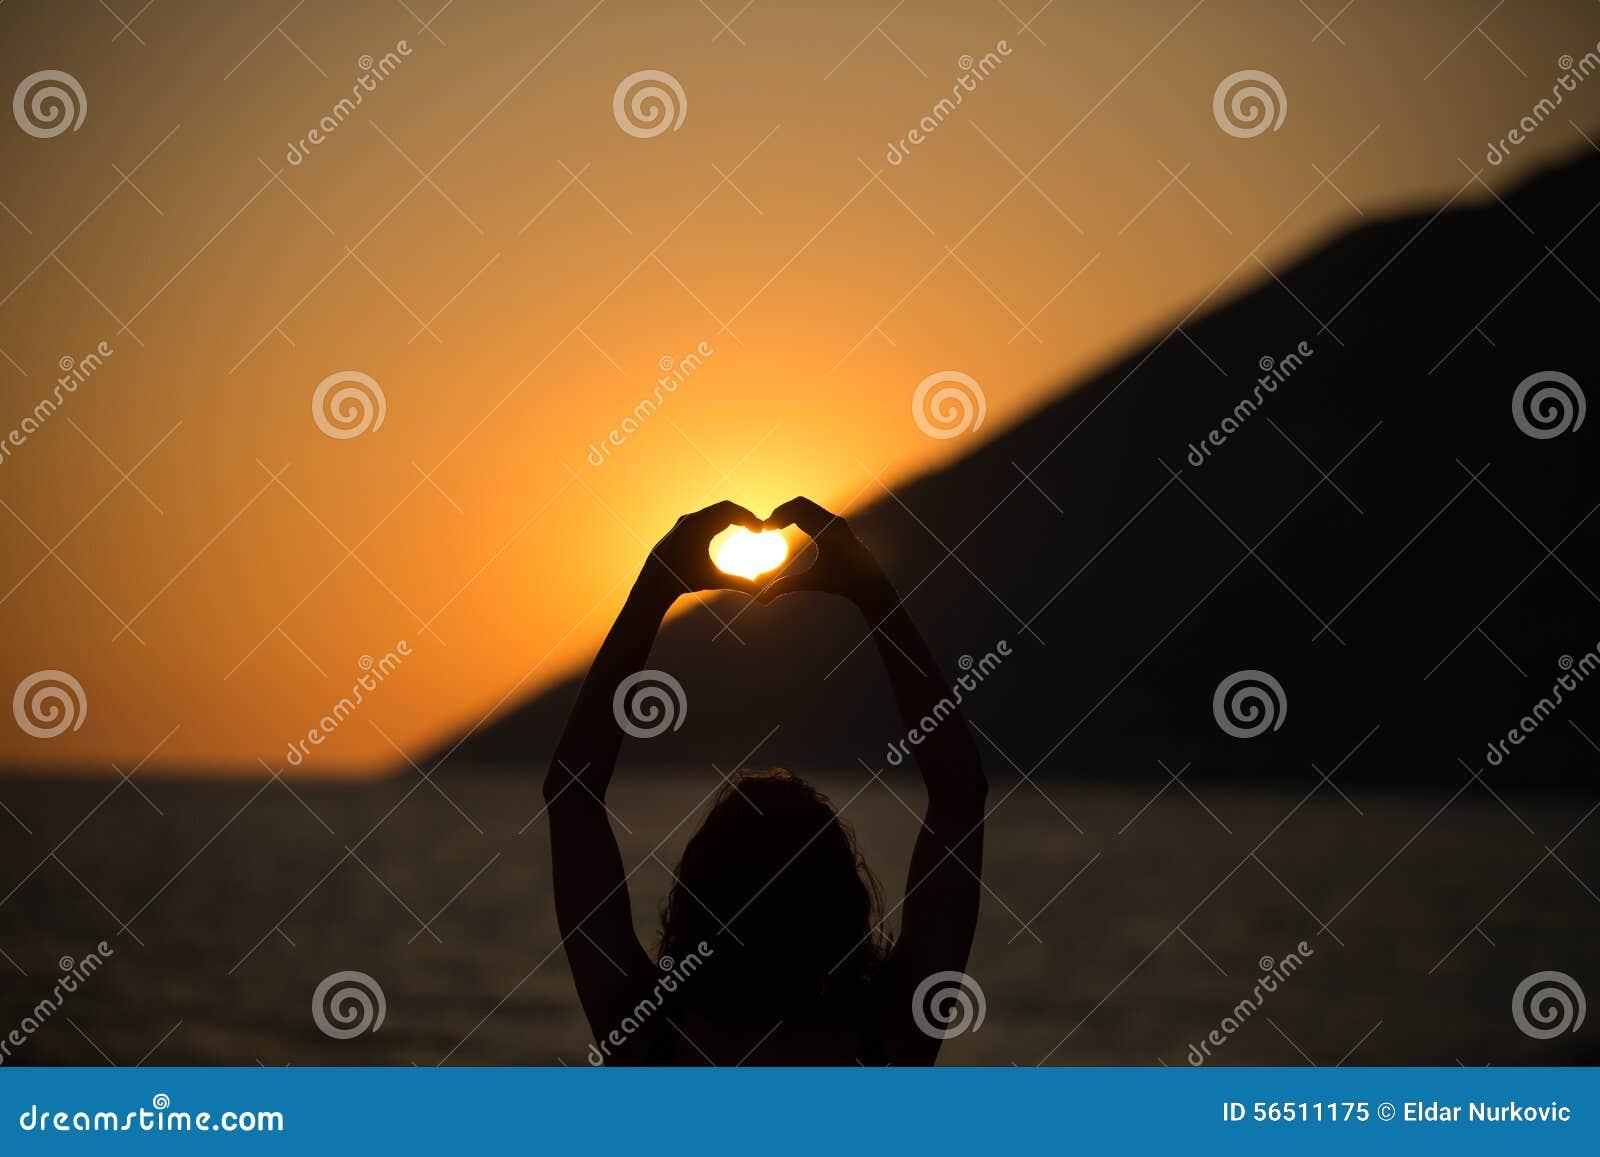 Bezpłatna szczęśliwa kobieta cieszy się zmierzch Obejmujący złotą światło słoneczne łunę zmierzch, cieszy się pokój, spokój w nat